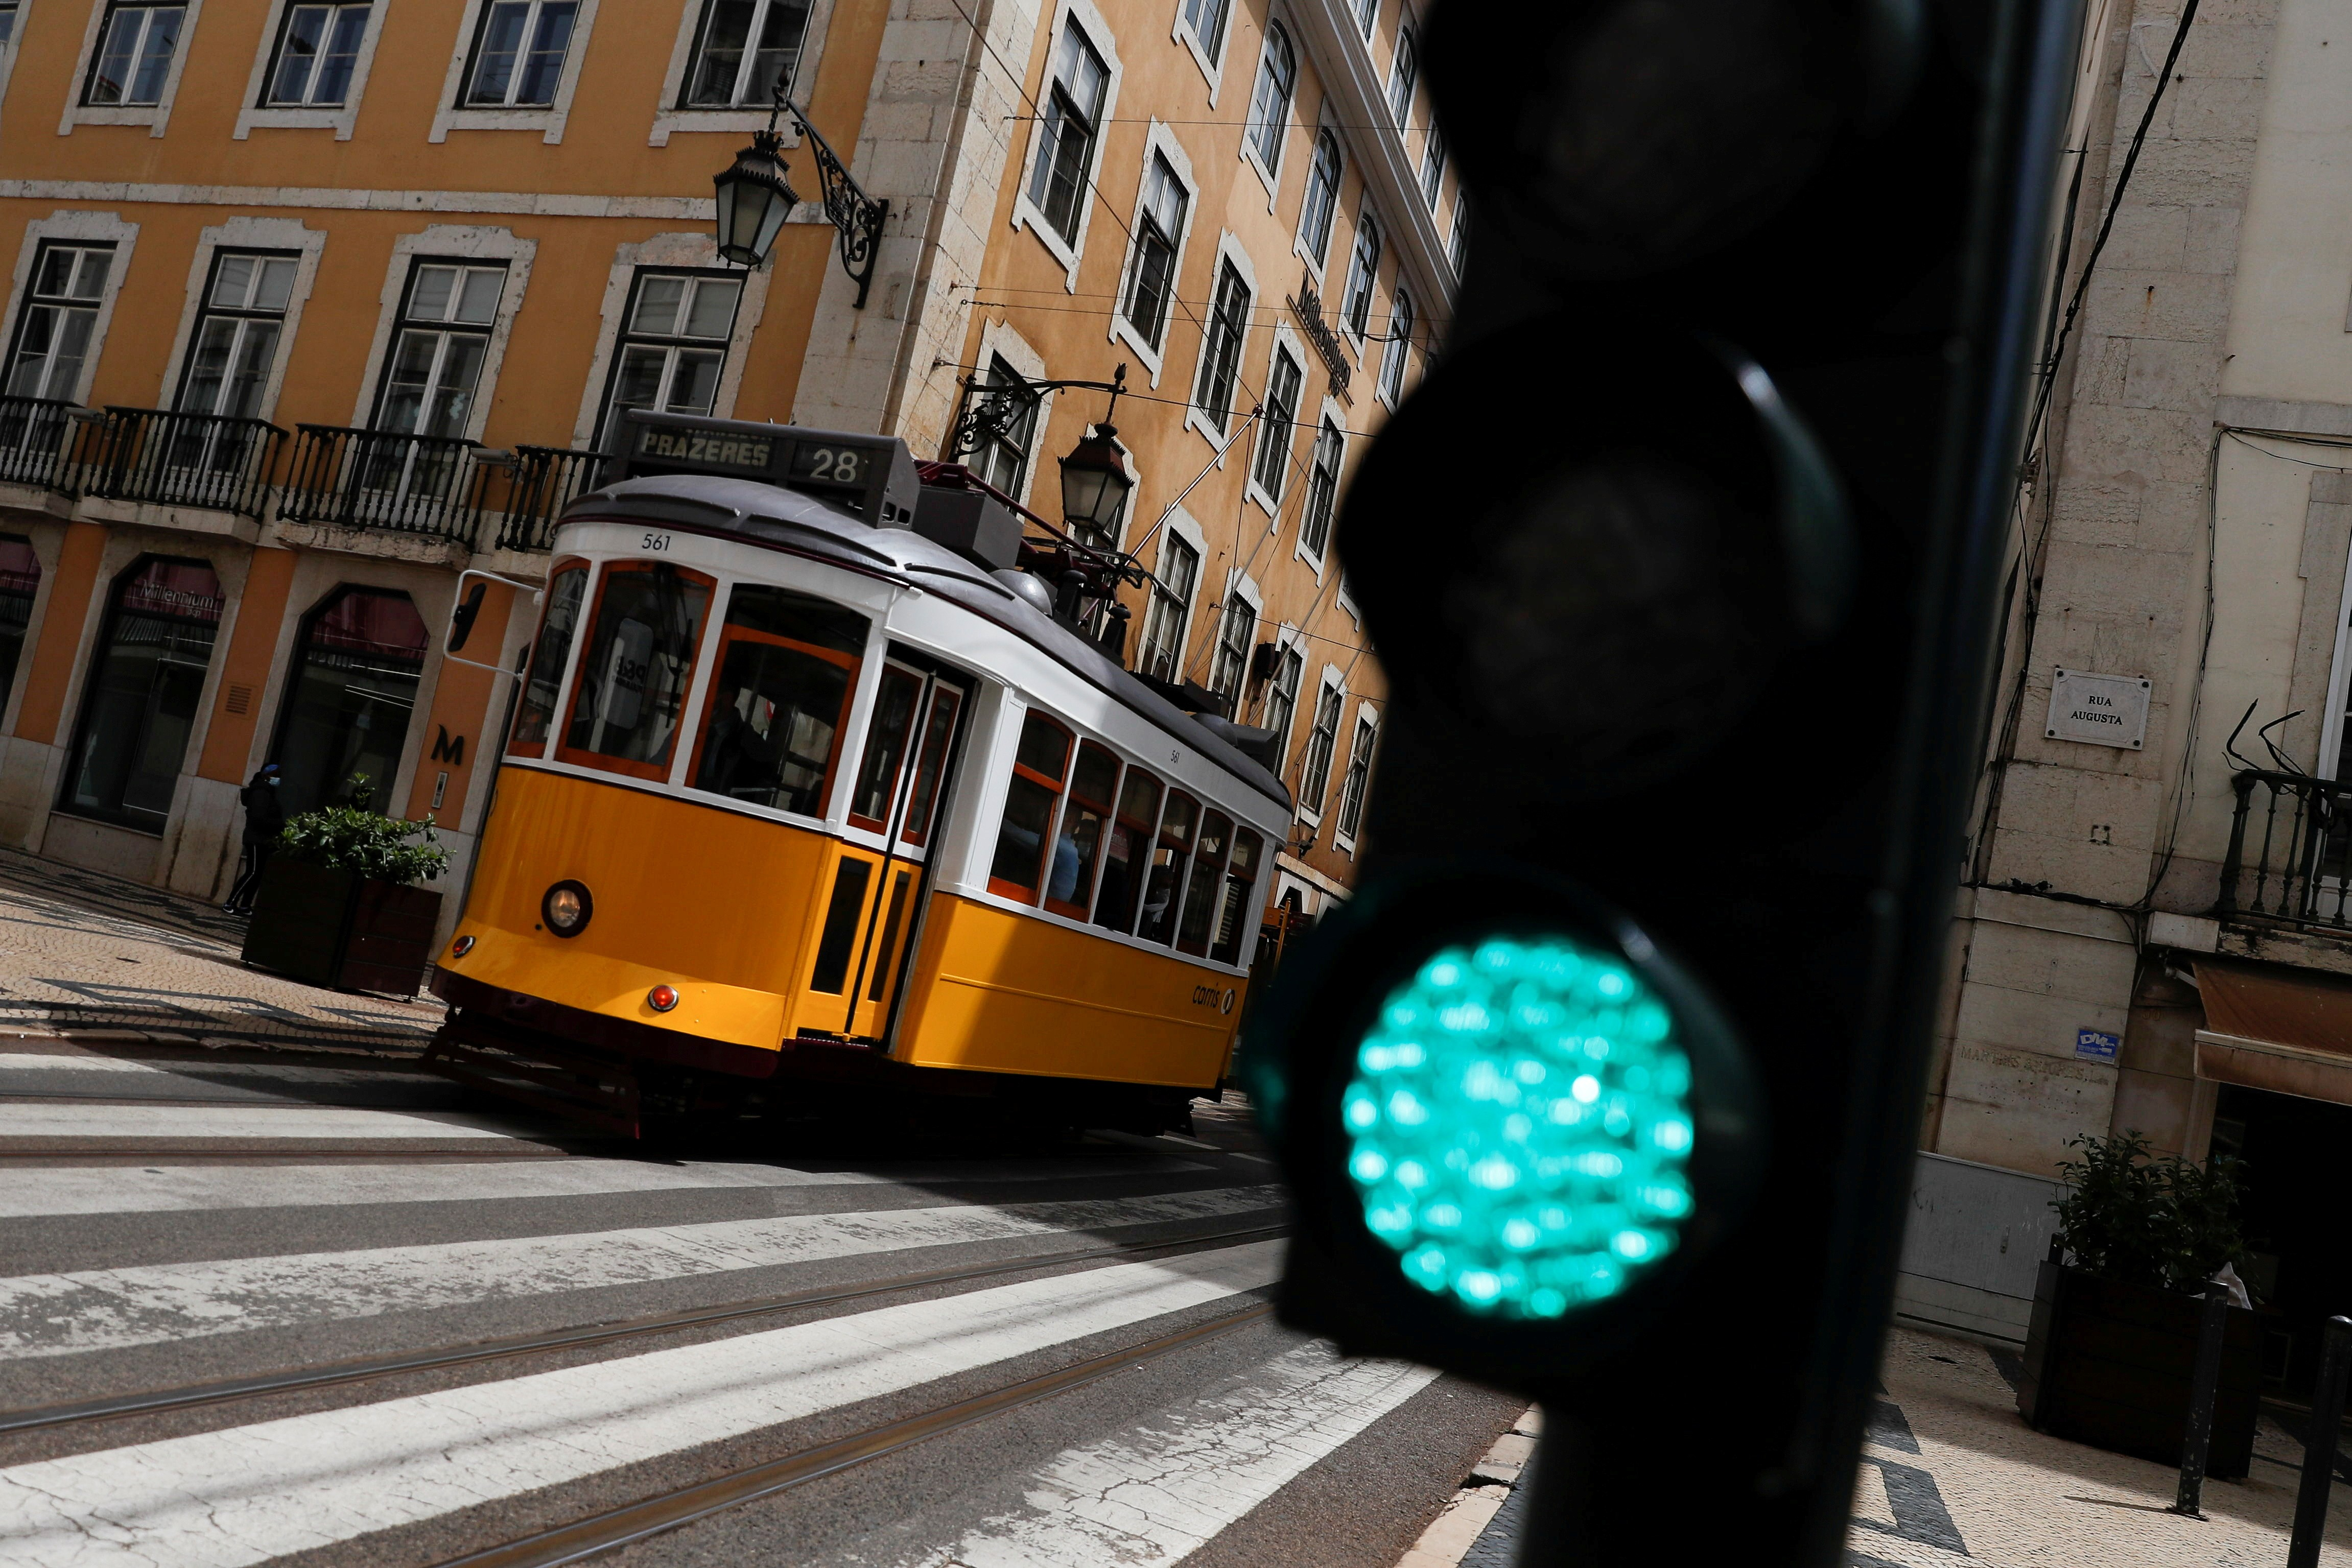 Bondinho circula próximo à Rua Augusta, em Lisboa